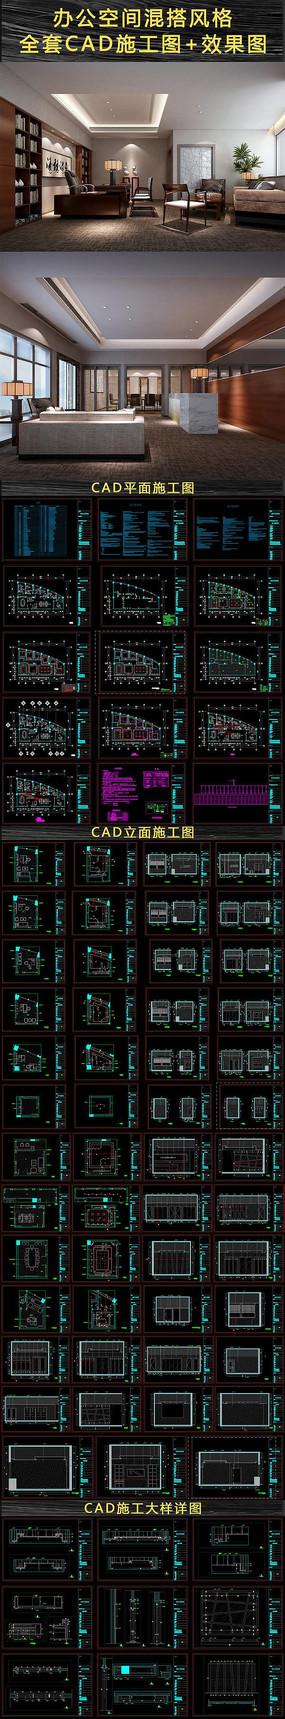 办公空间工装混搭风格全套CAD施工图(附效果图)